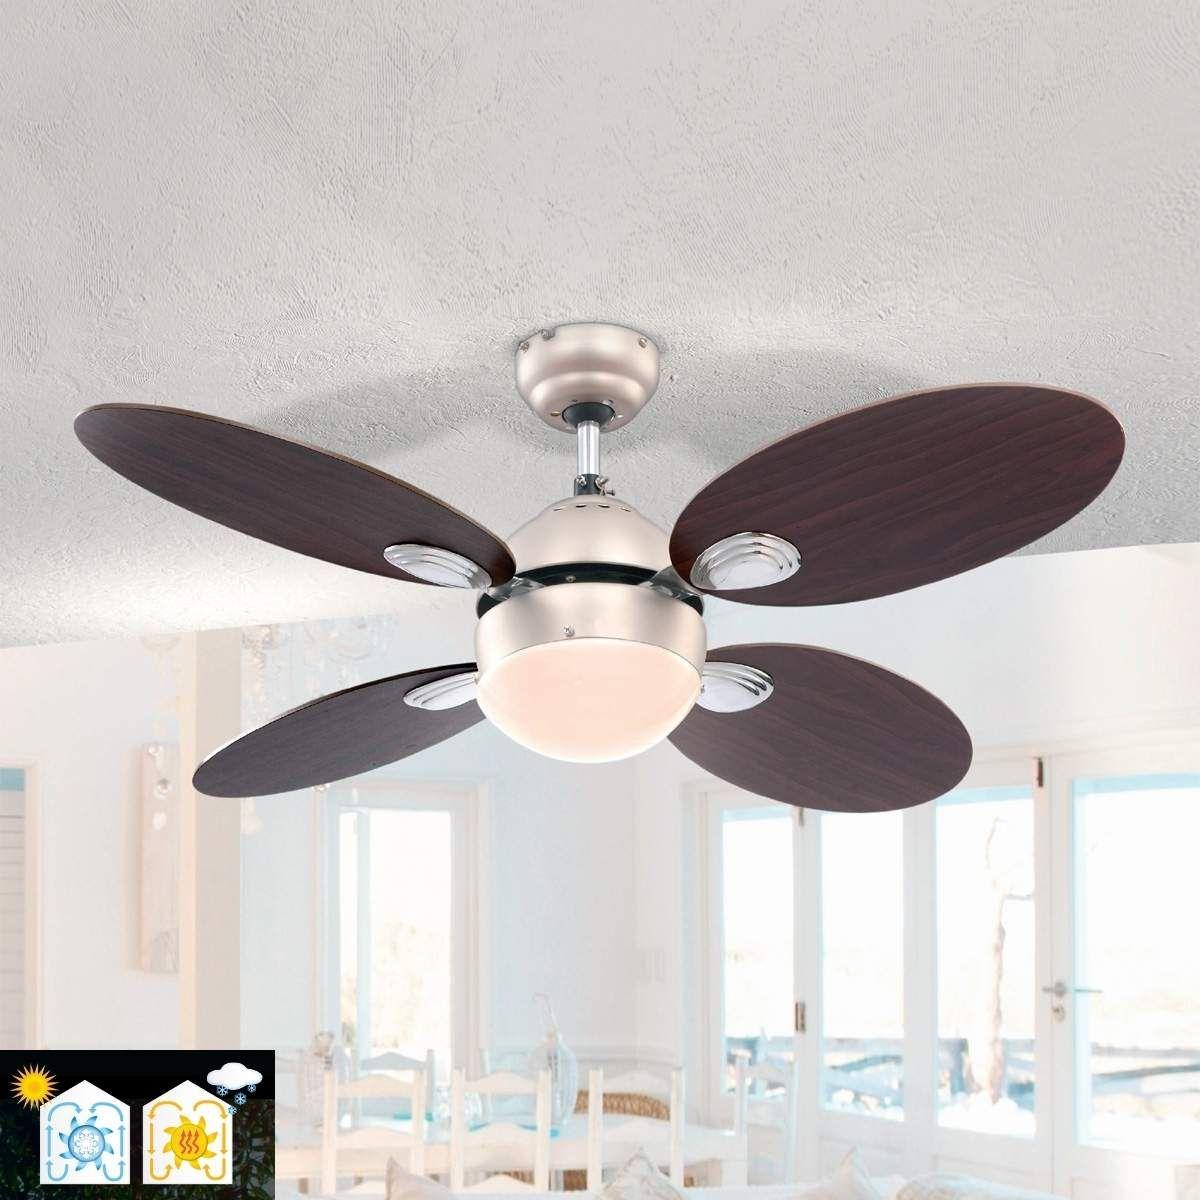 Klimaanlagen & Heizgeräte 6,6 W LED Decken Ventilator Zugschalter